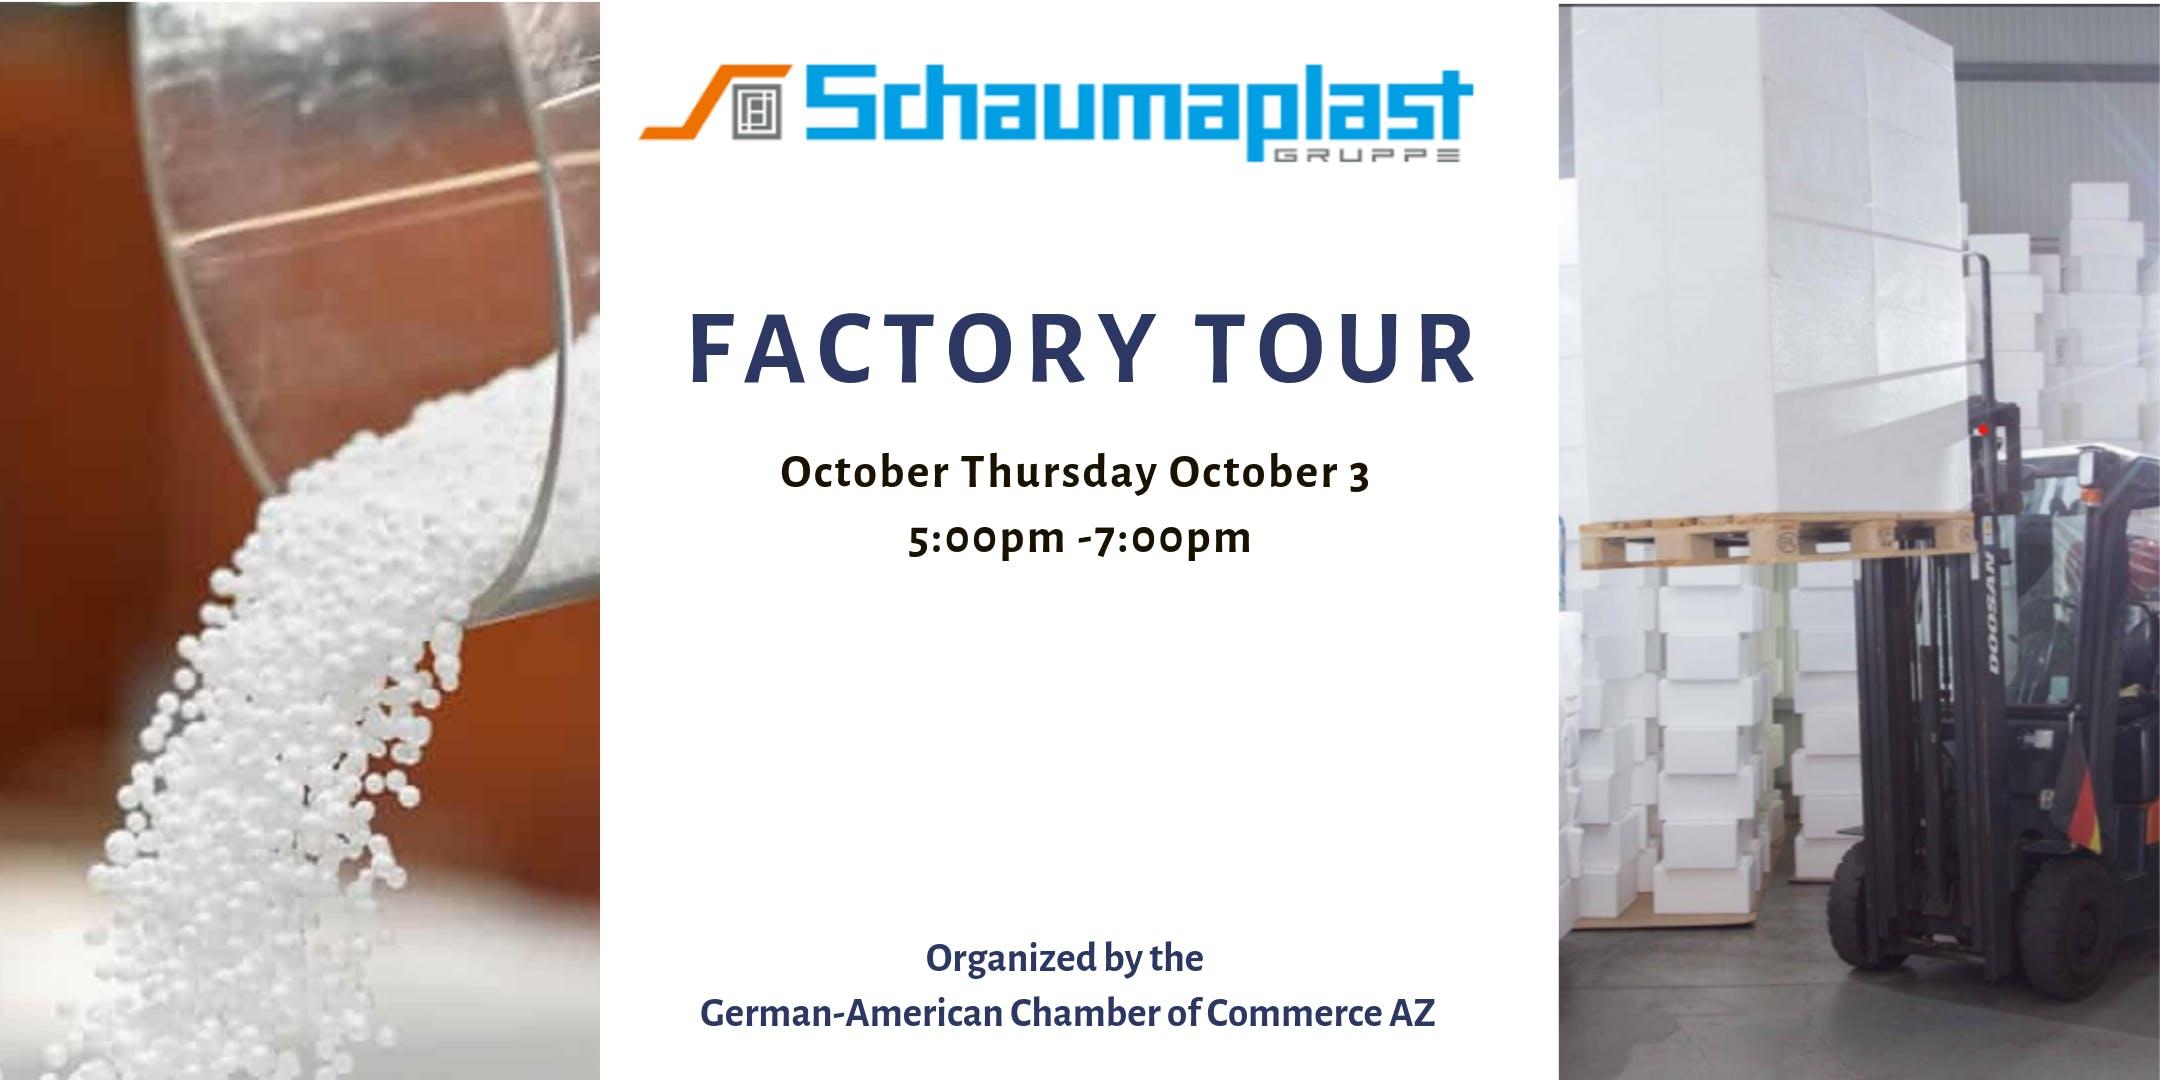 Schaumaplast Factory Tour